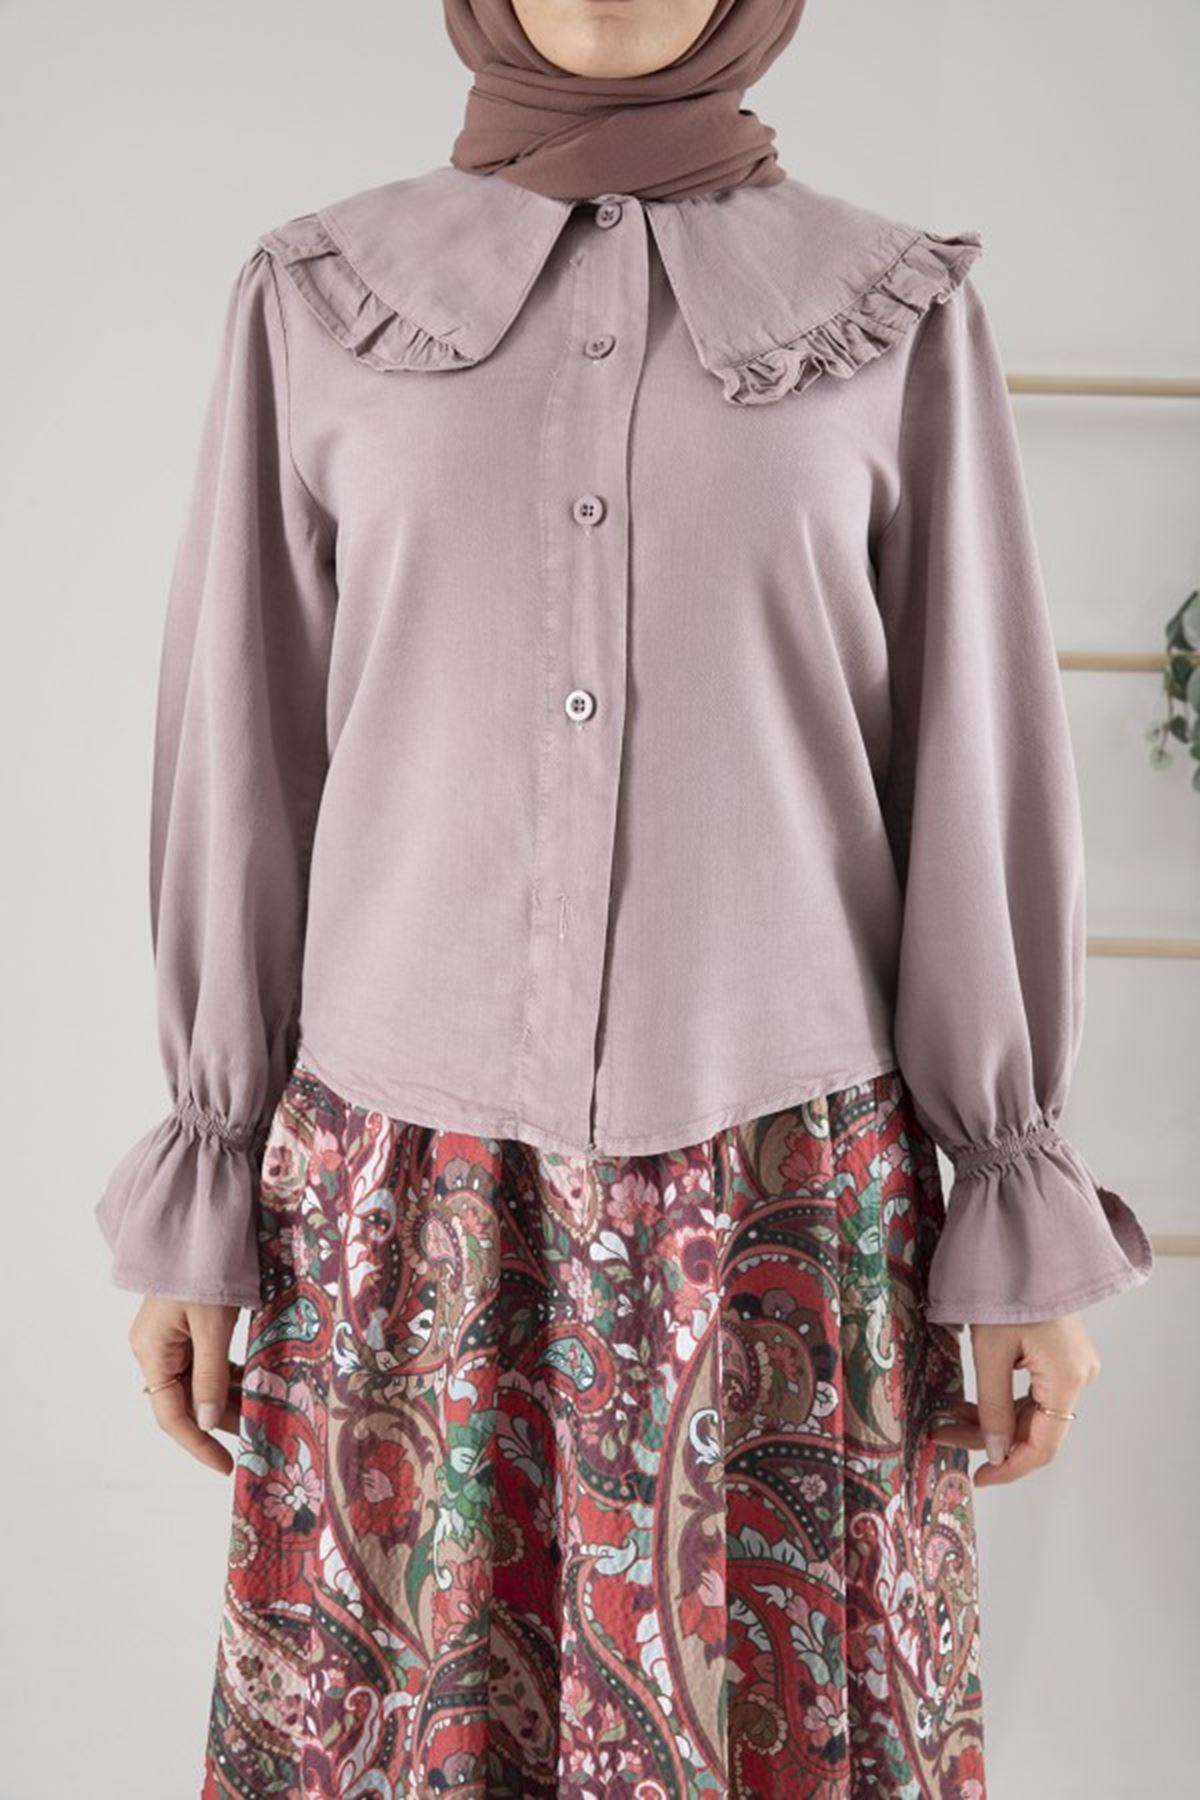 Kadın Bebe Yaka Kol Büzgülü Tensel Bluz - Lila